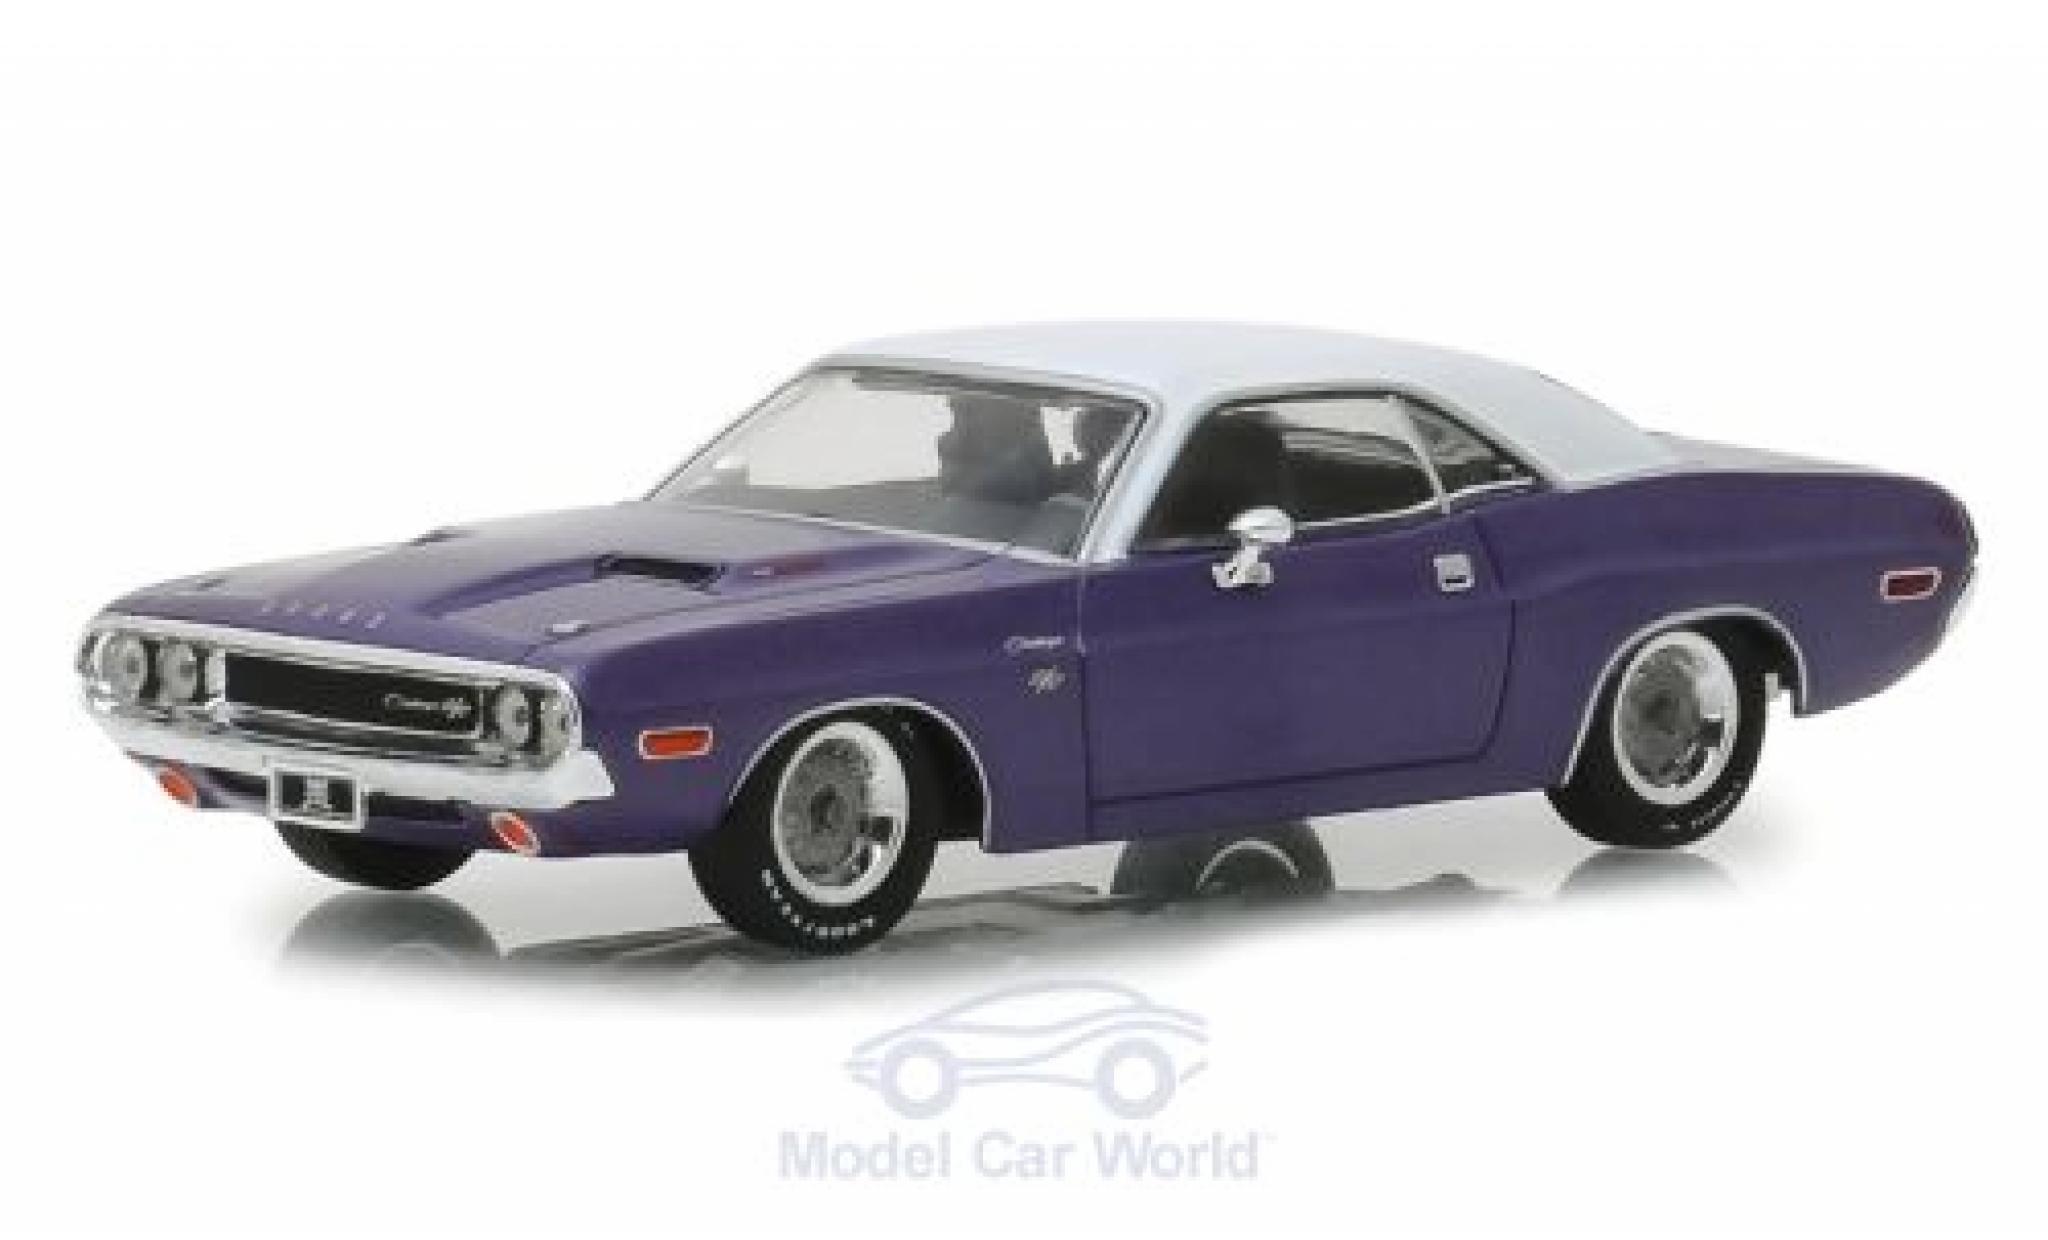 Dodge Challenger 1/43 Greenlight R/T metallise purple/white Graveyard Carz 1970